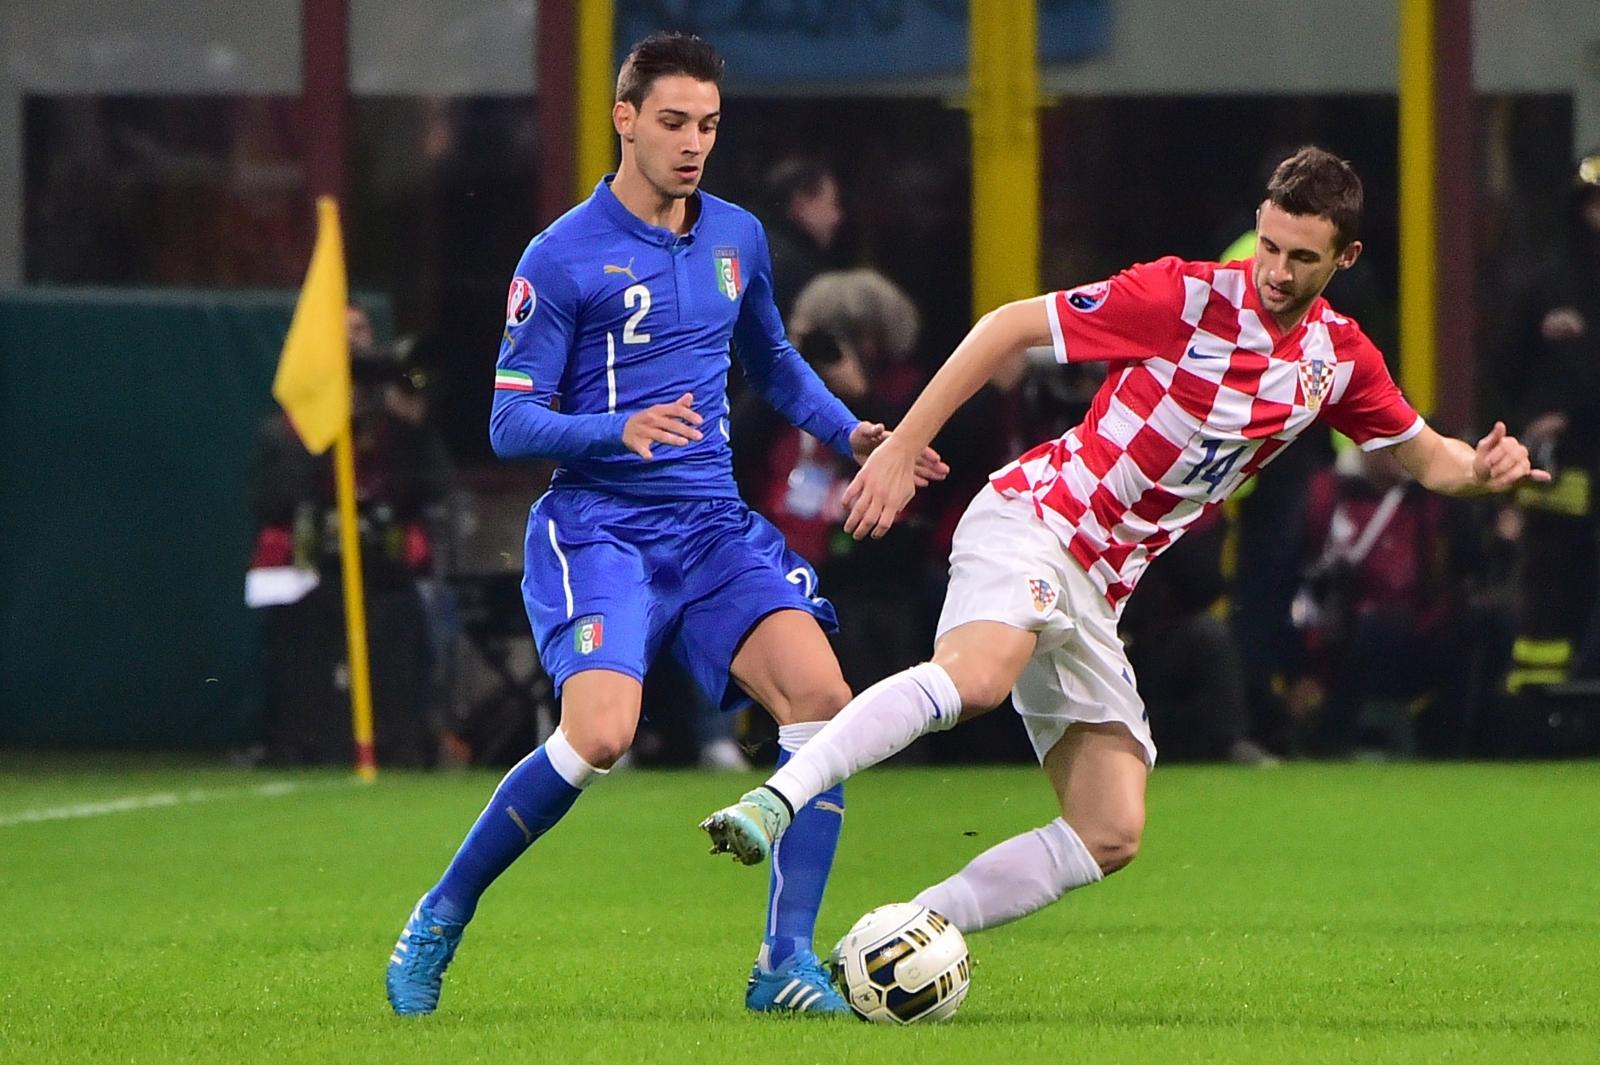 Un grande de la Liga peleará con Inter, Milán y Dortmund para fichar a Brozovic